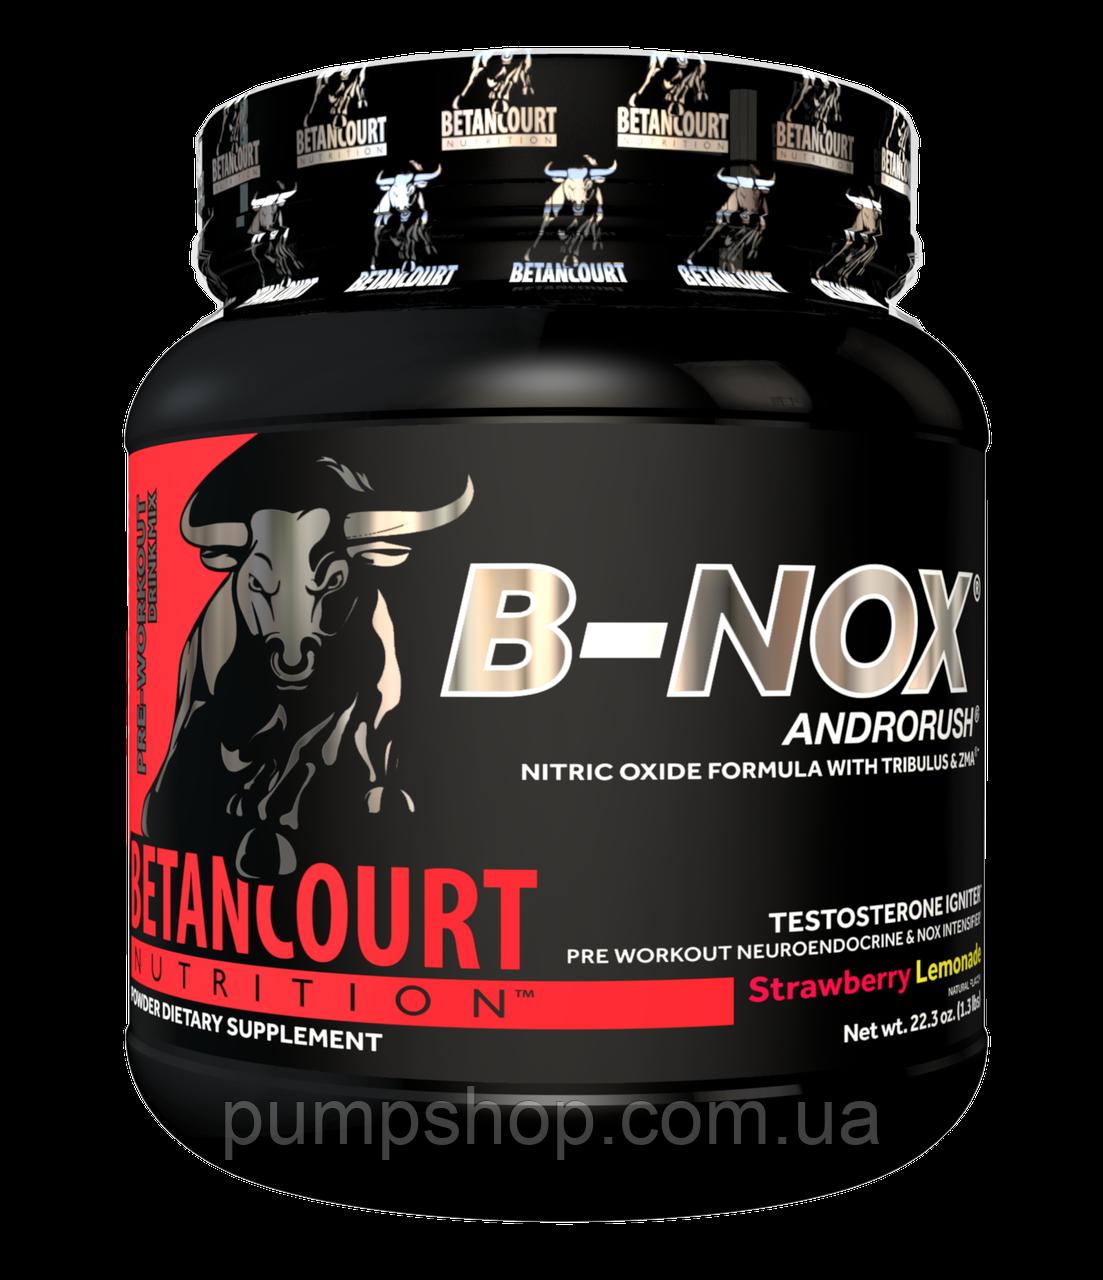 Предтренировочний комплекс Betancourt Nutrition B-Nox Androrush 633 р